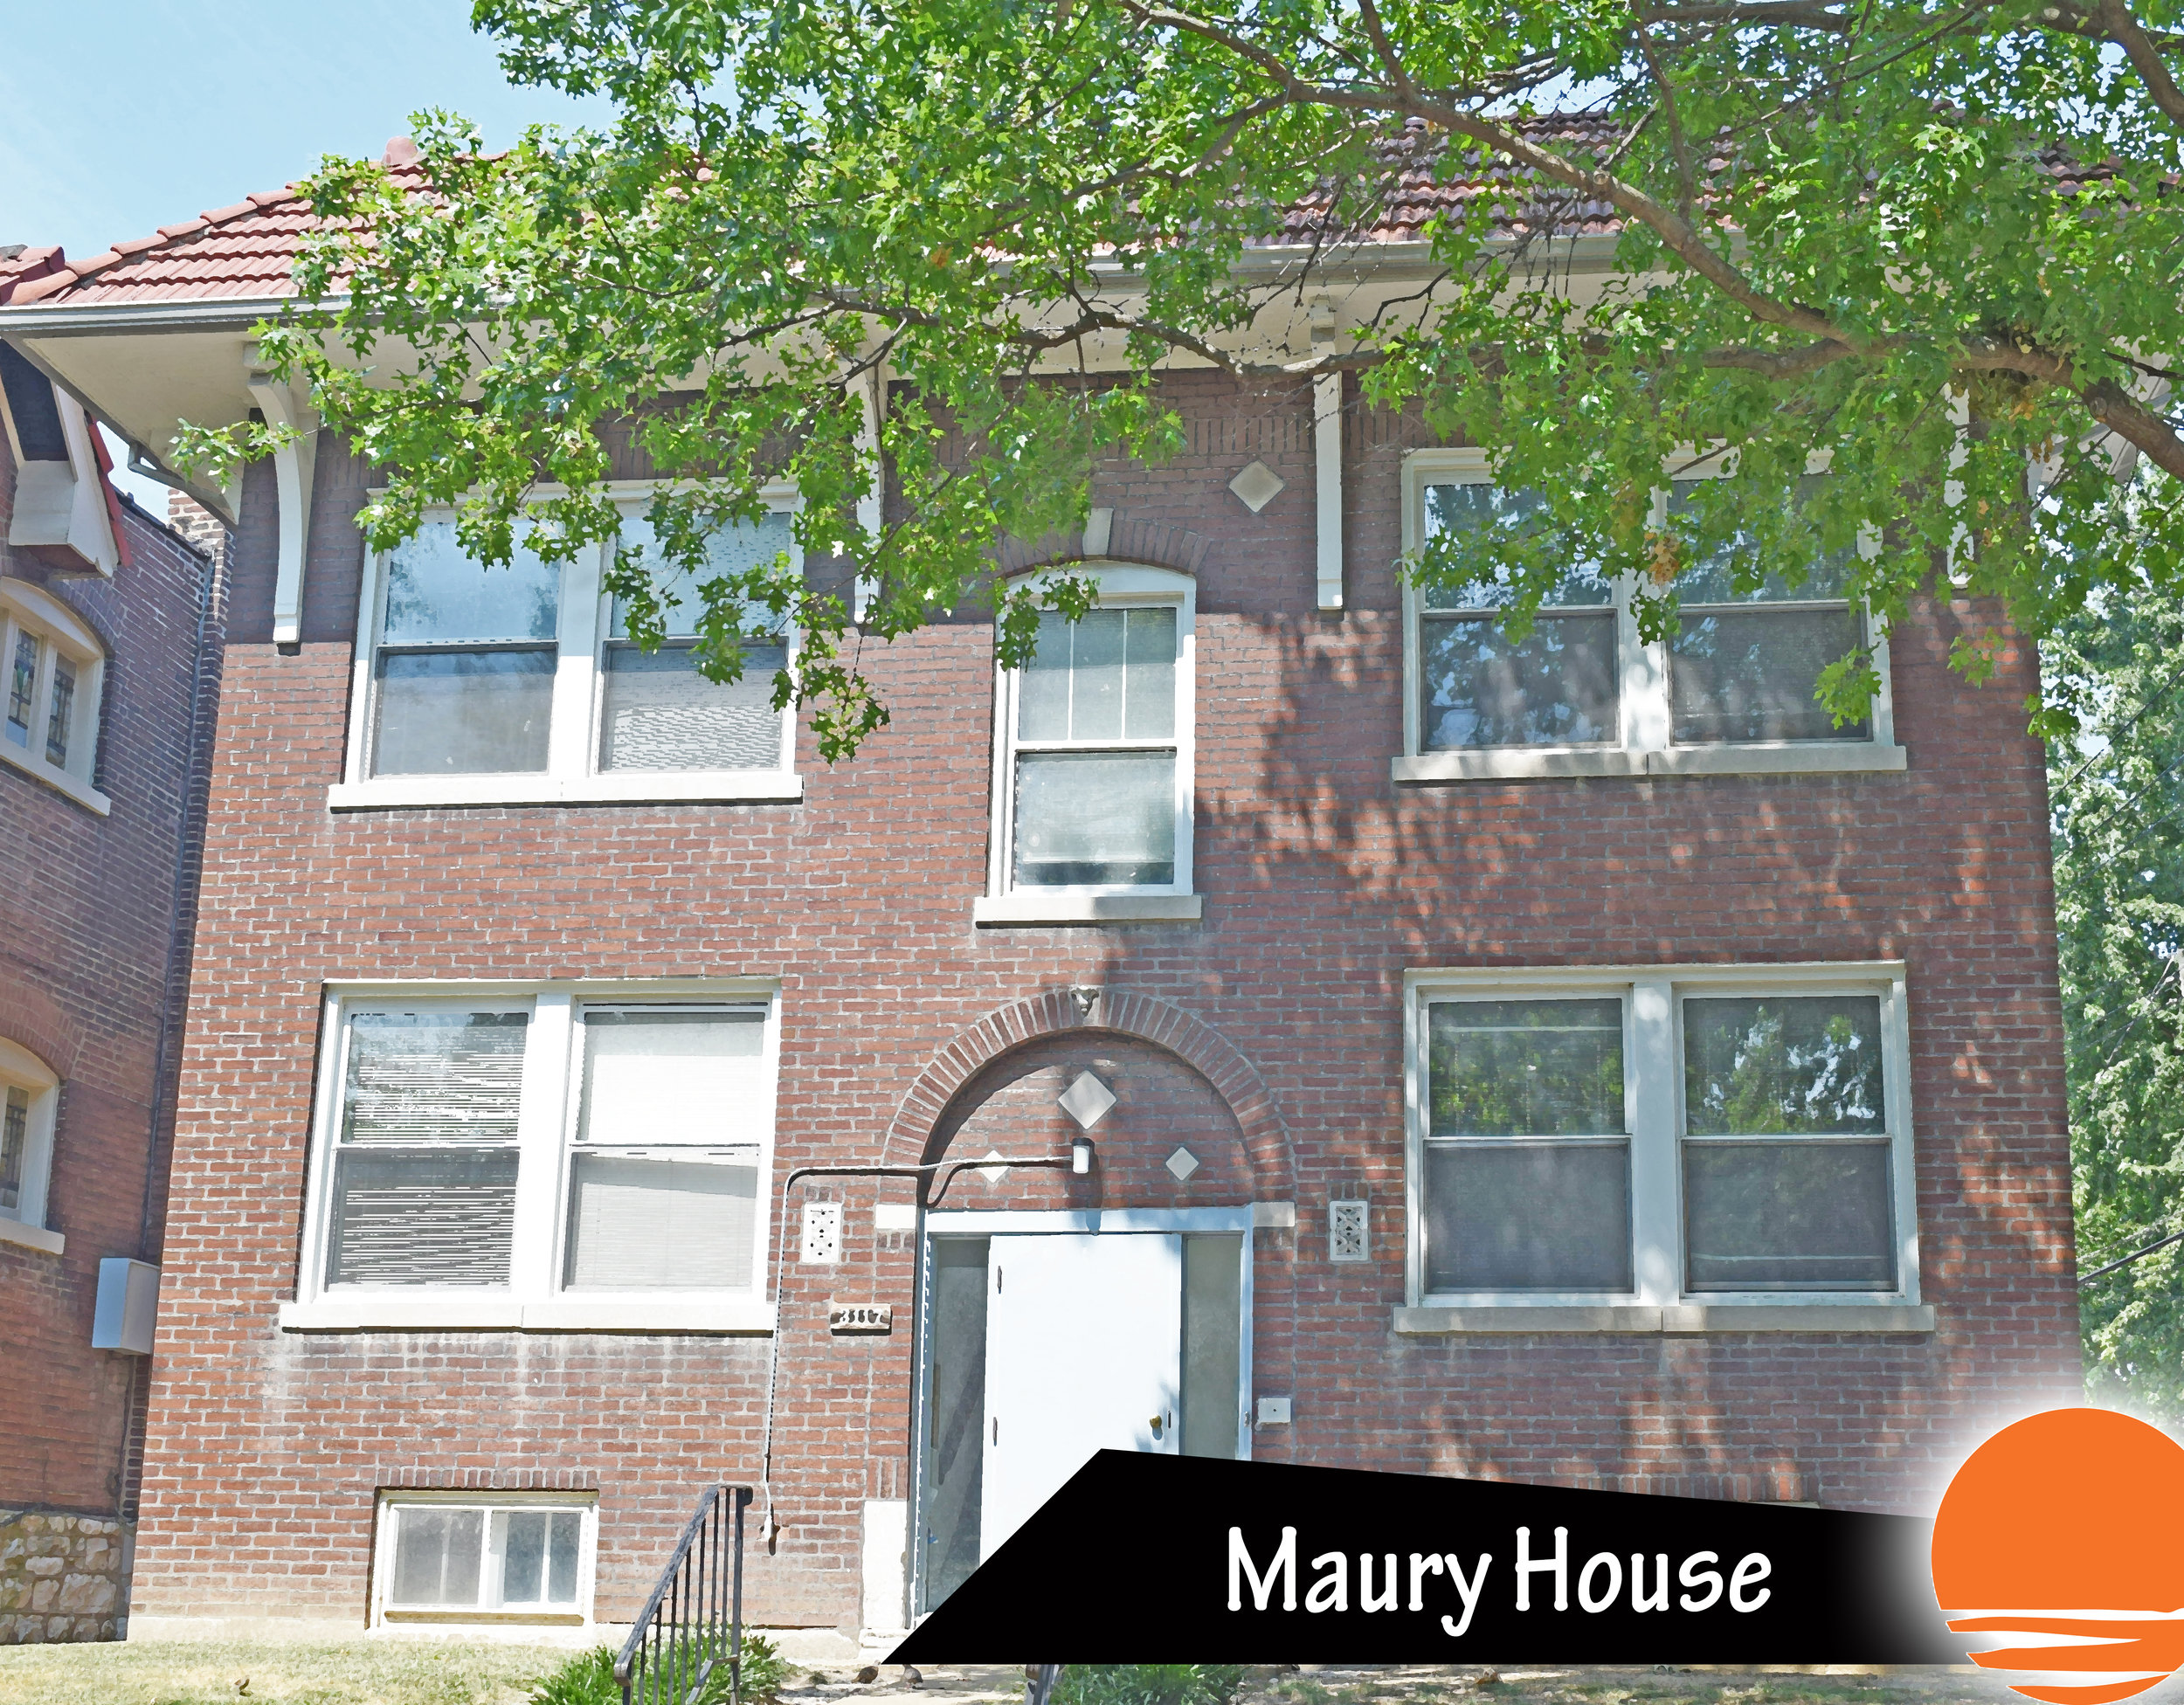 Maury House.jpg